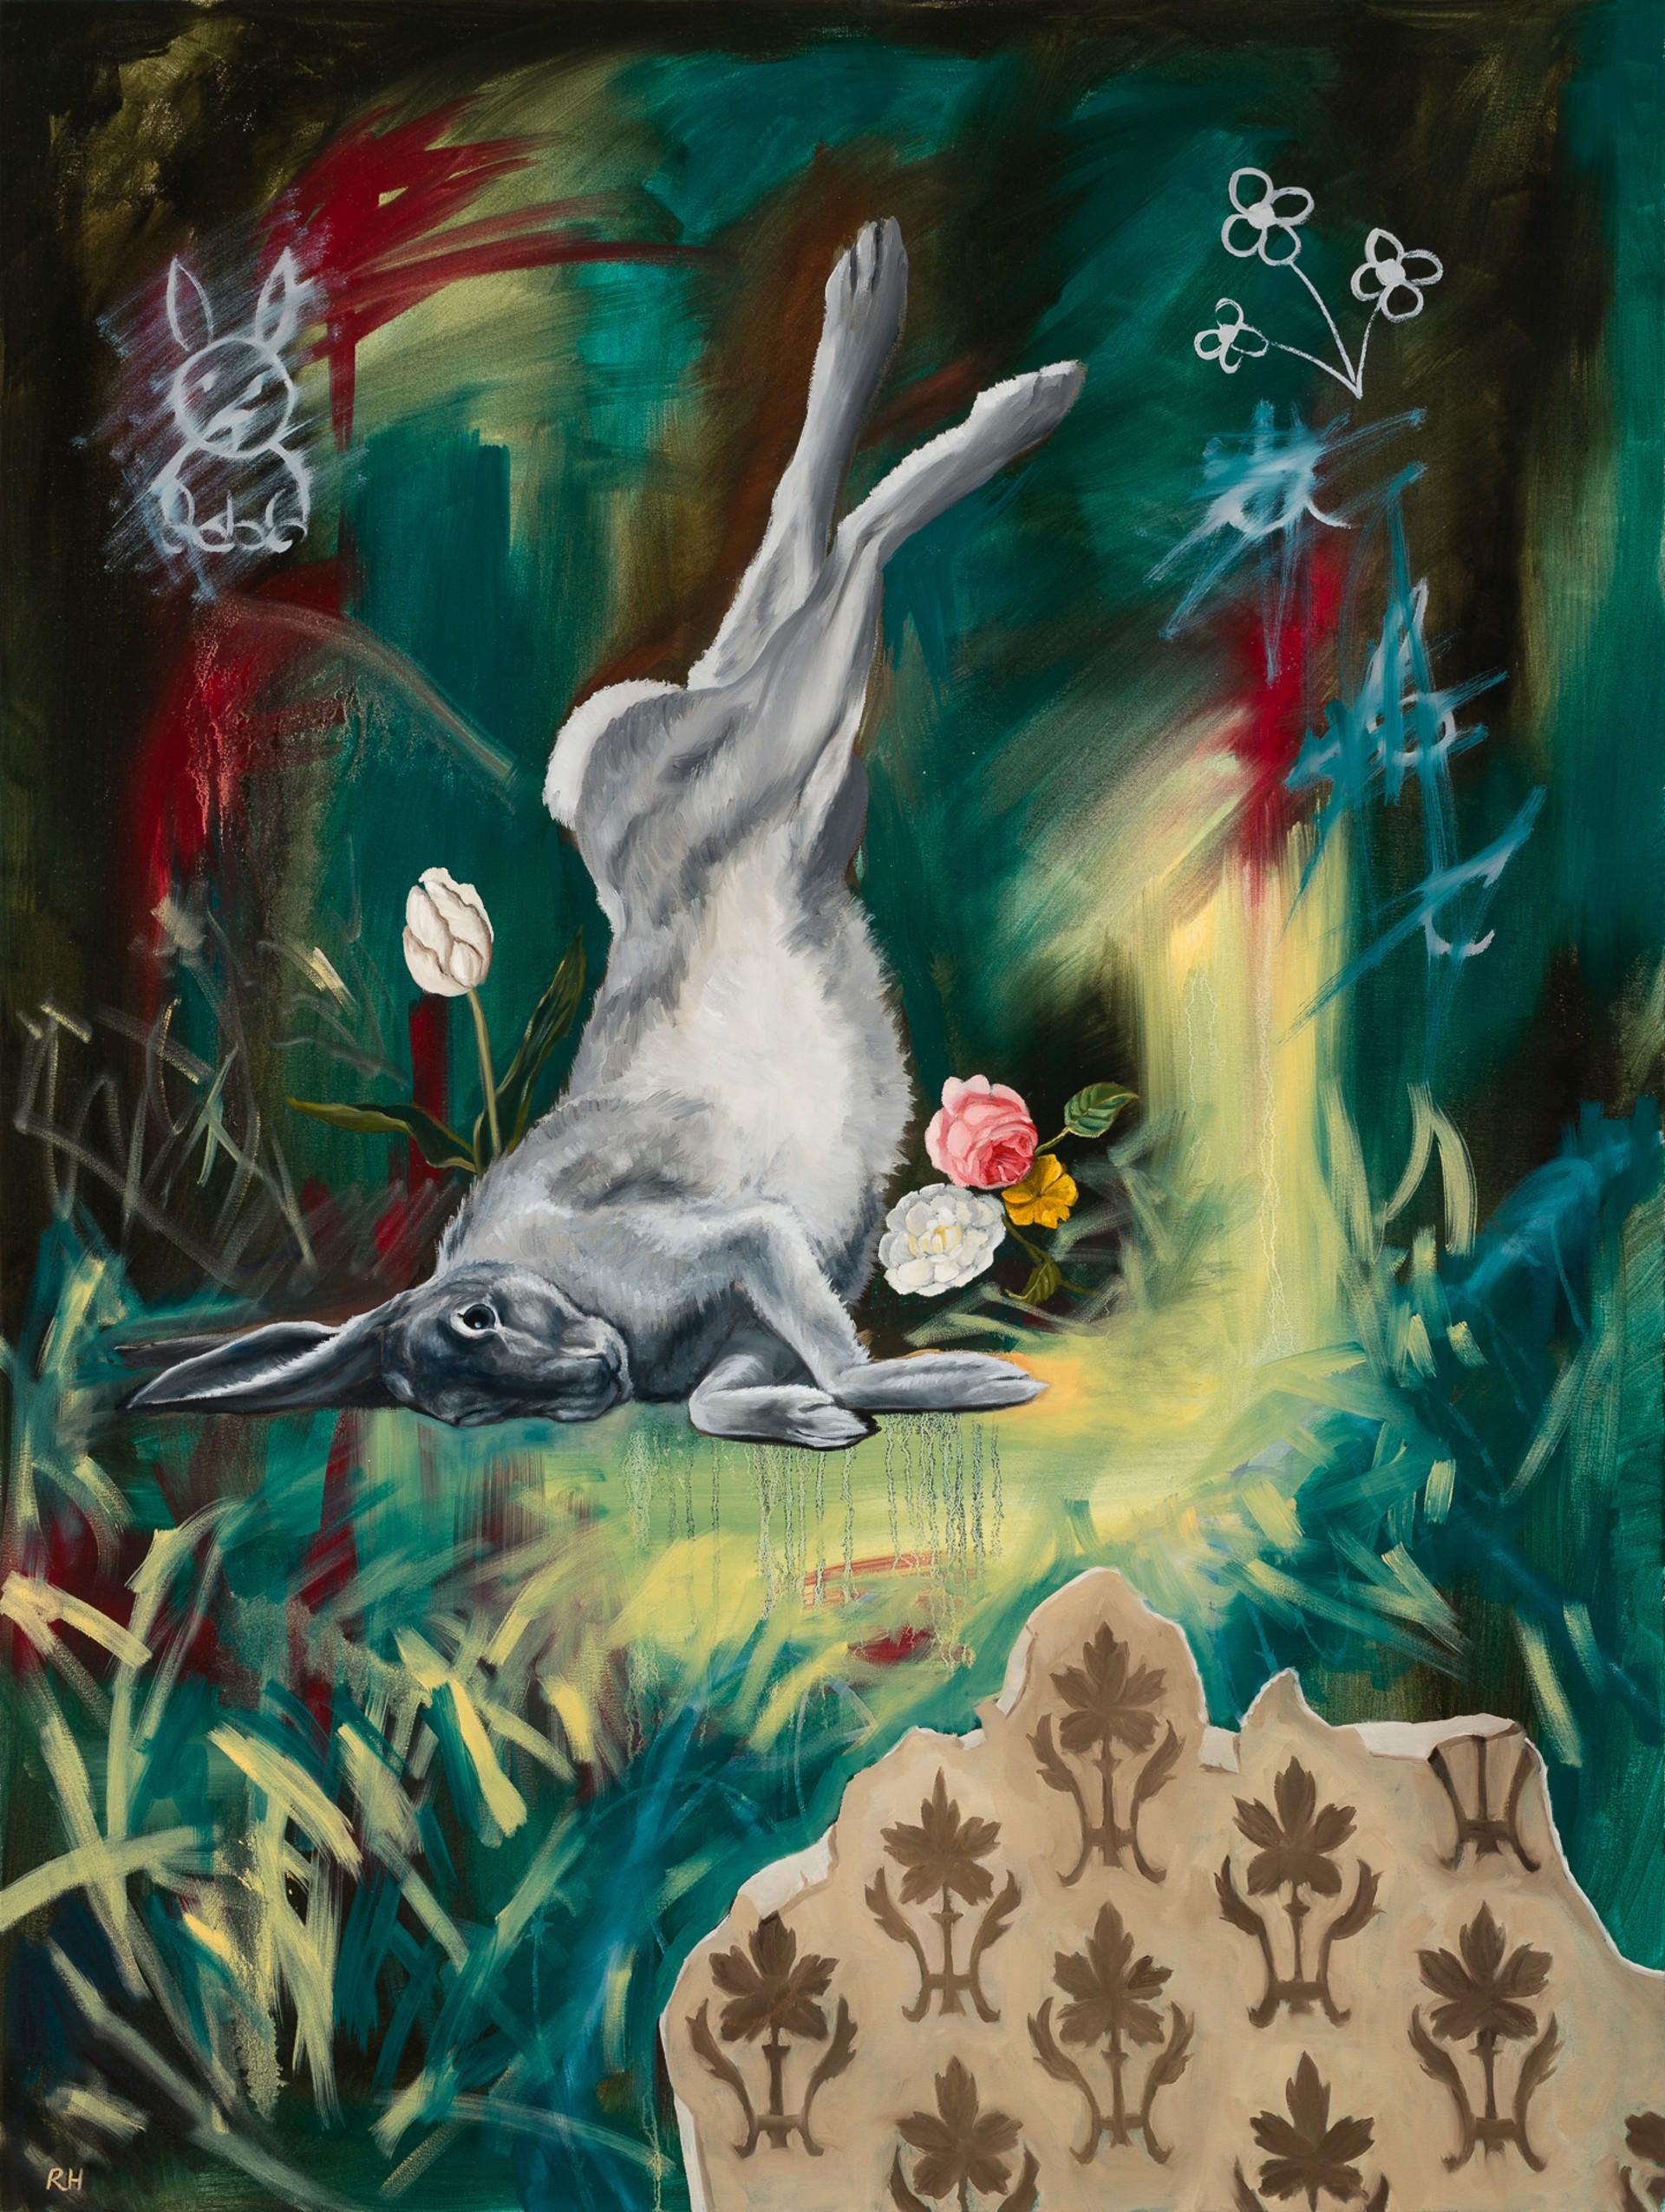 Upside Down in Wonderland by Robin Hextrum